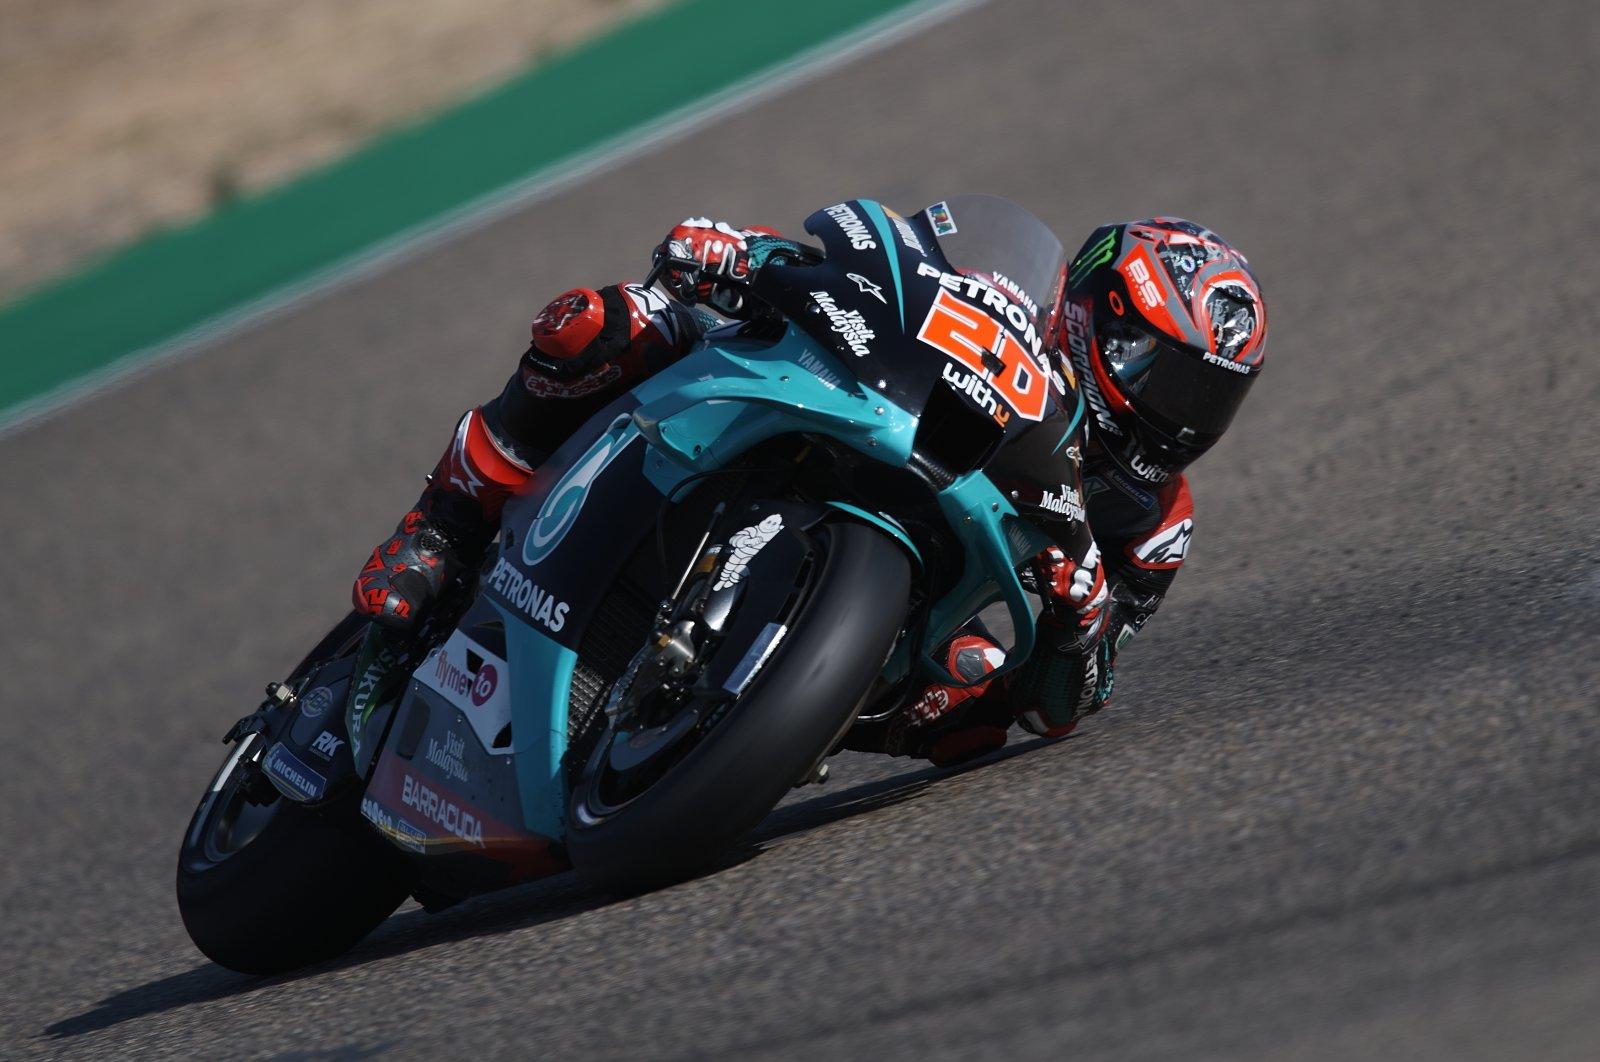 Fabio Quartararo races during the Aragon MotoGP in Alcaniz, Spain, Oct. 18, 2020. (REUTERS PHOTO)